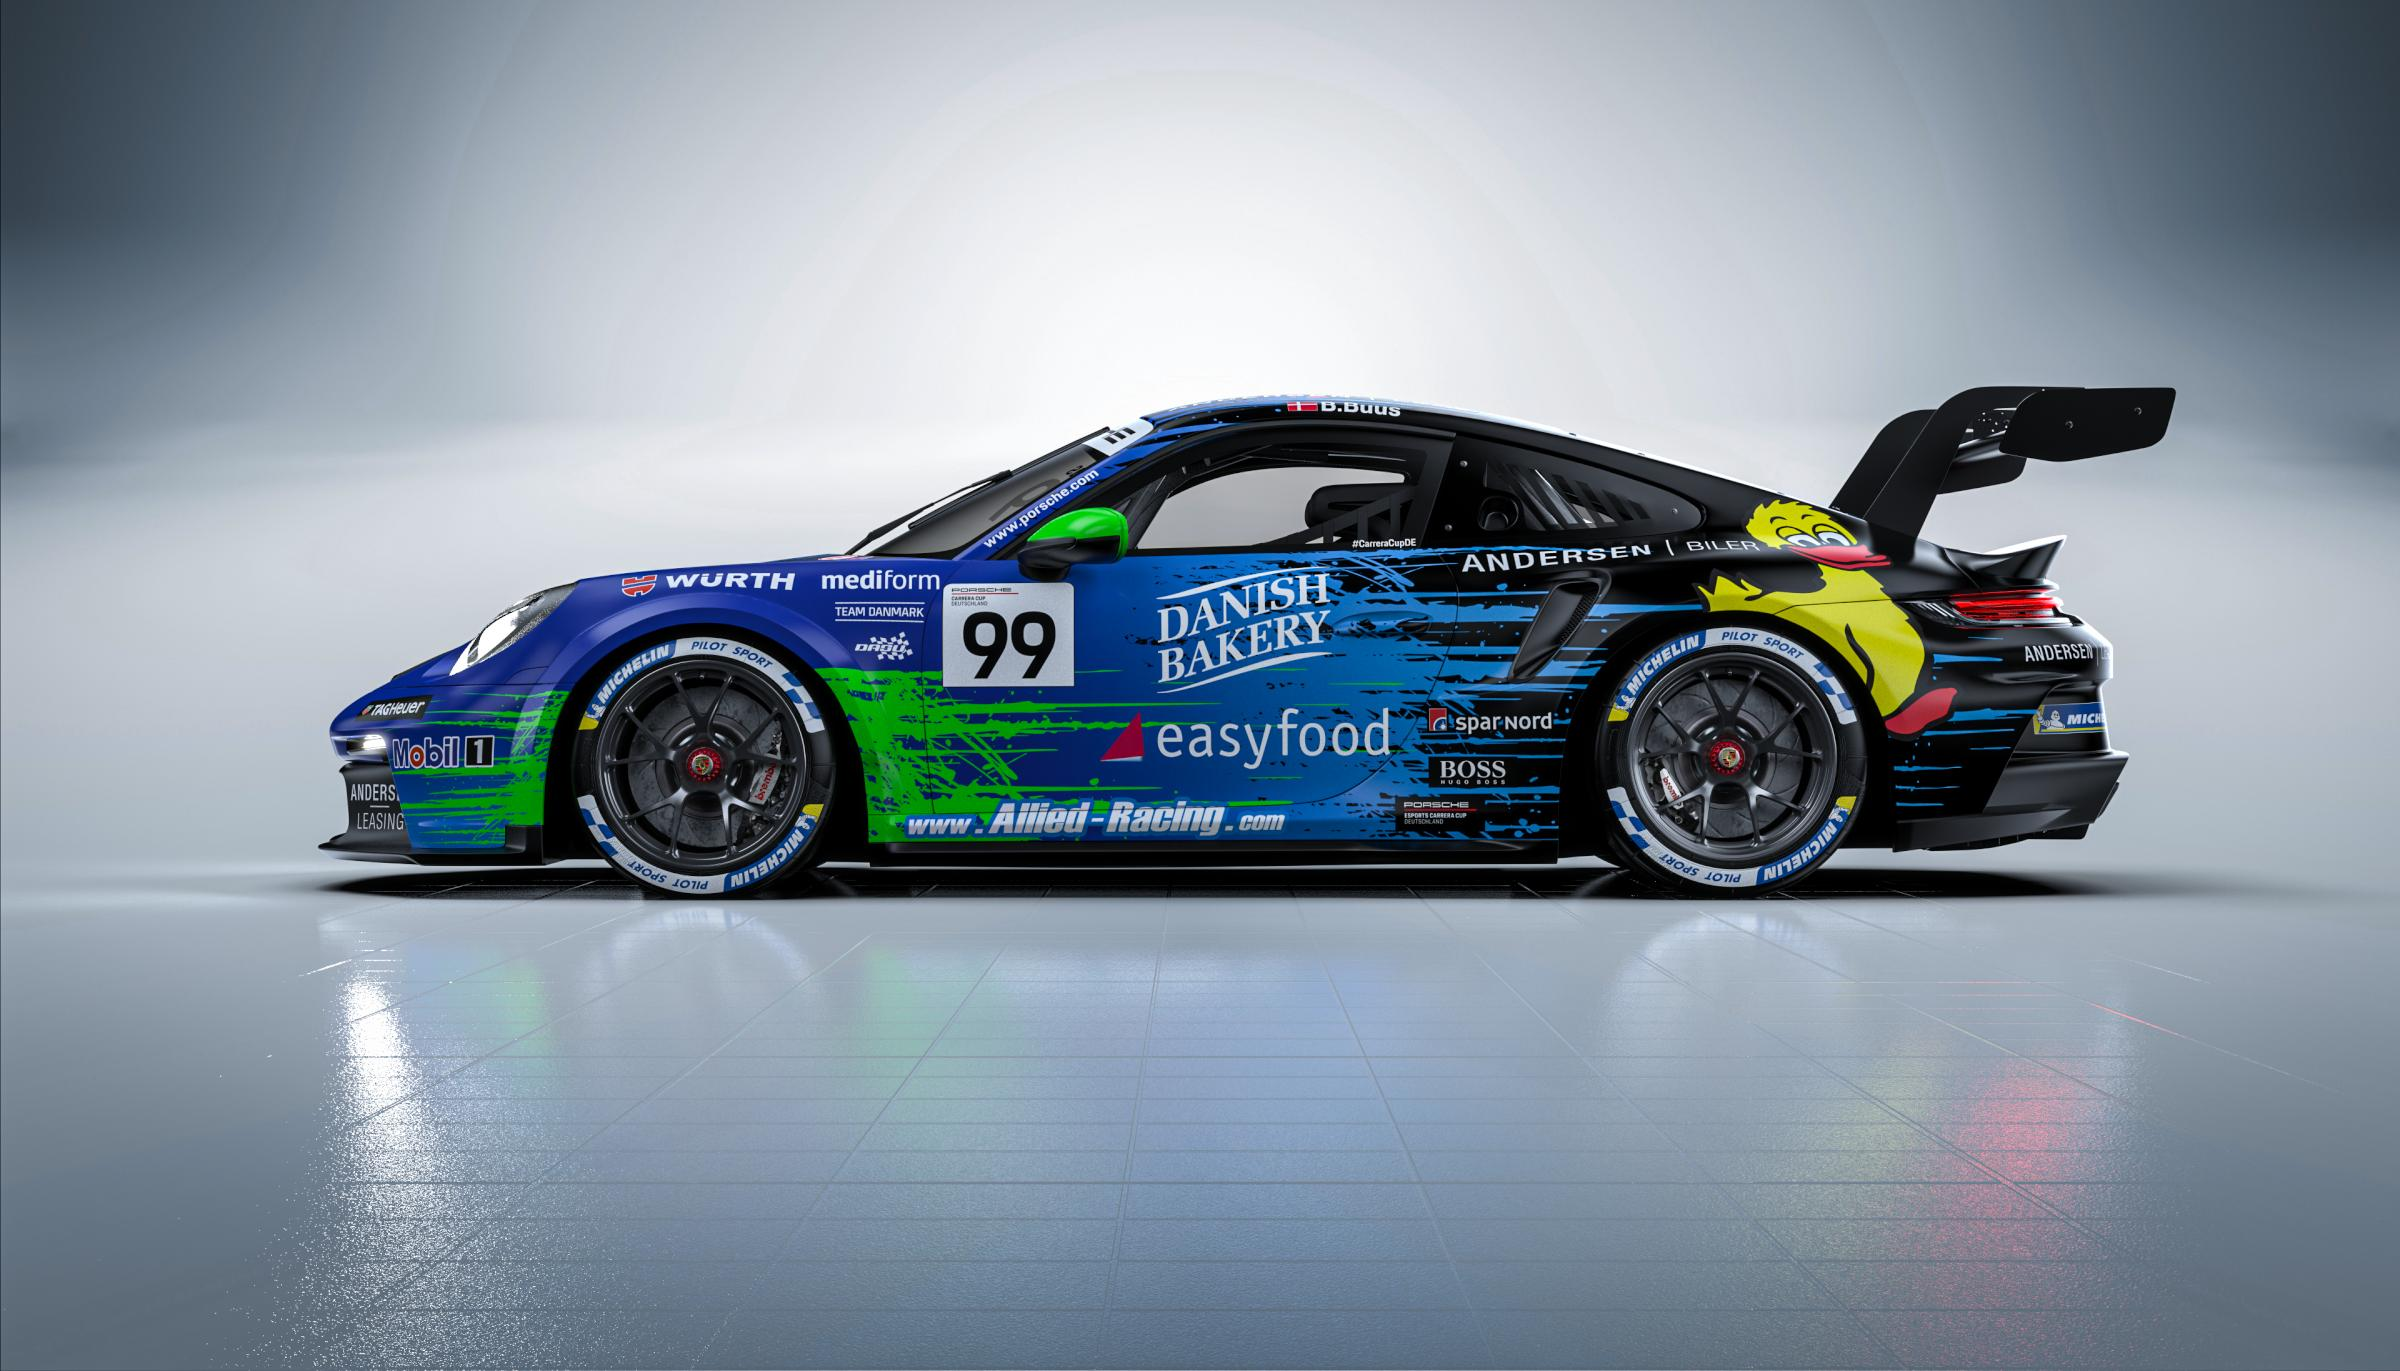 Preview of Bastian Buus | Allied-Racing | Porsche Carrera Cup Deutschland by Krisztián Kónya